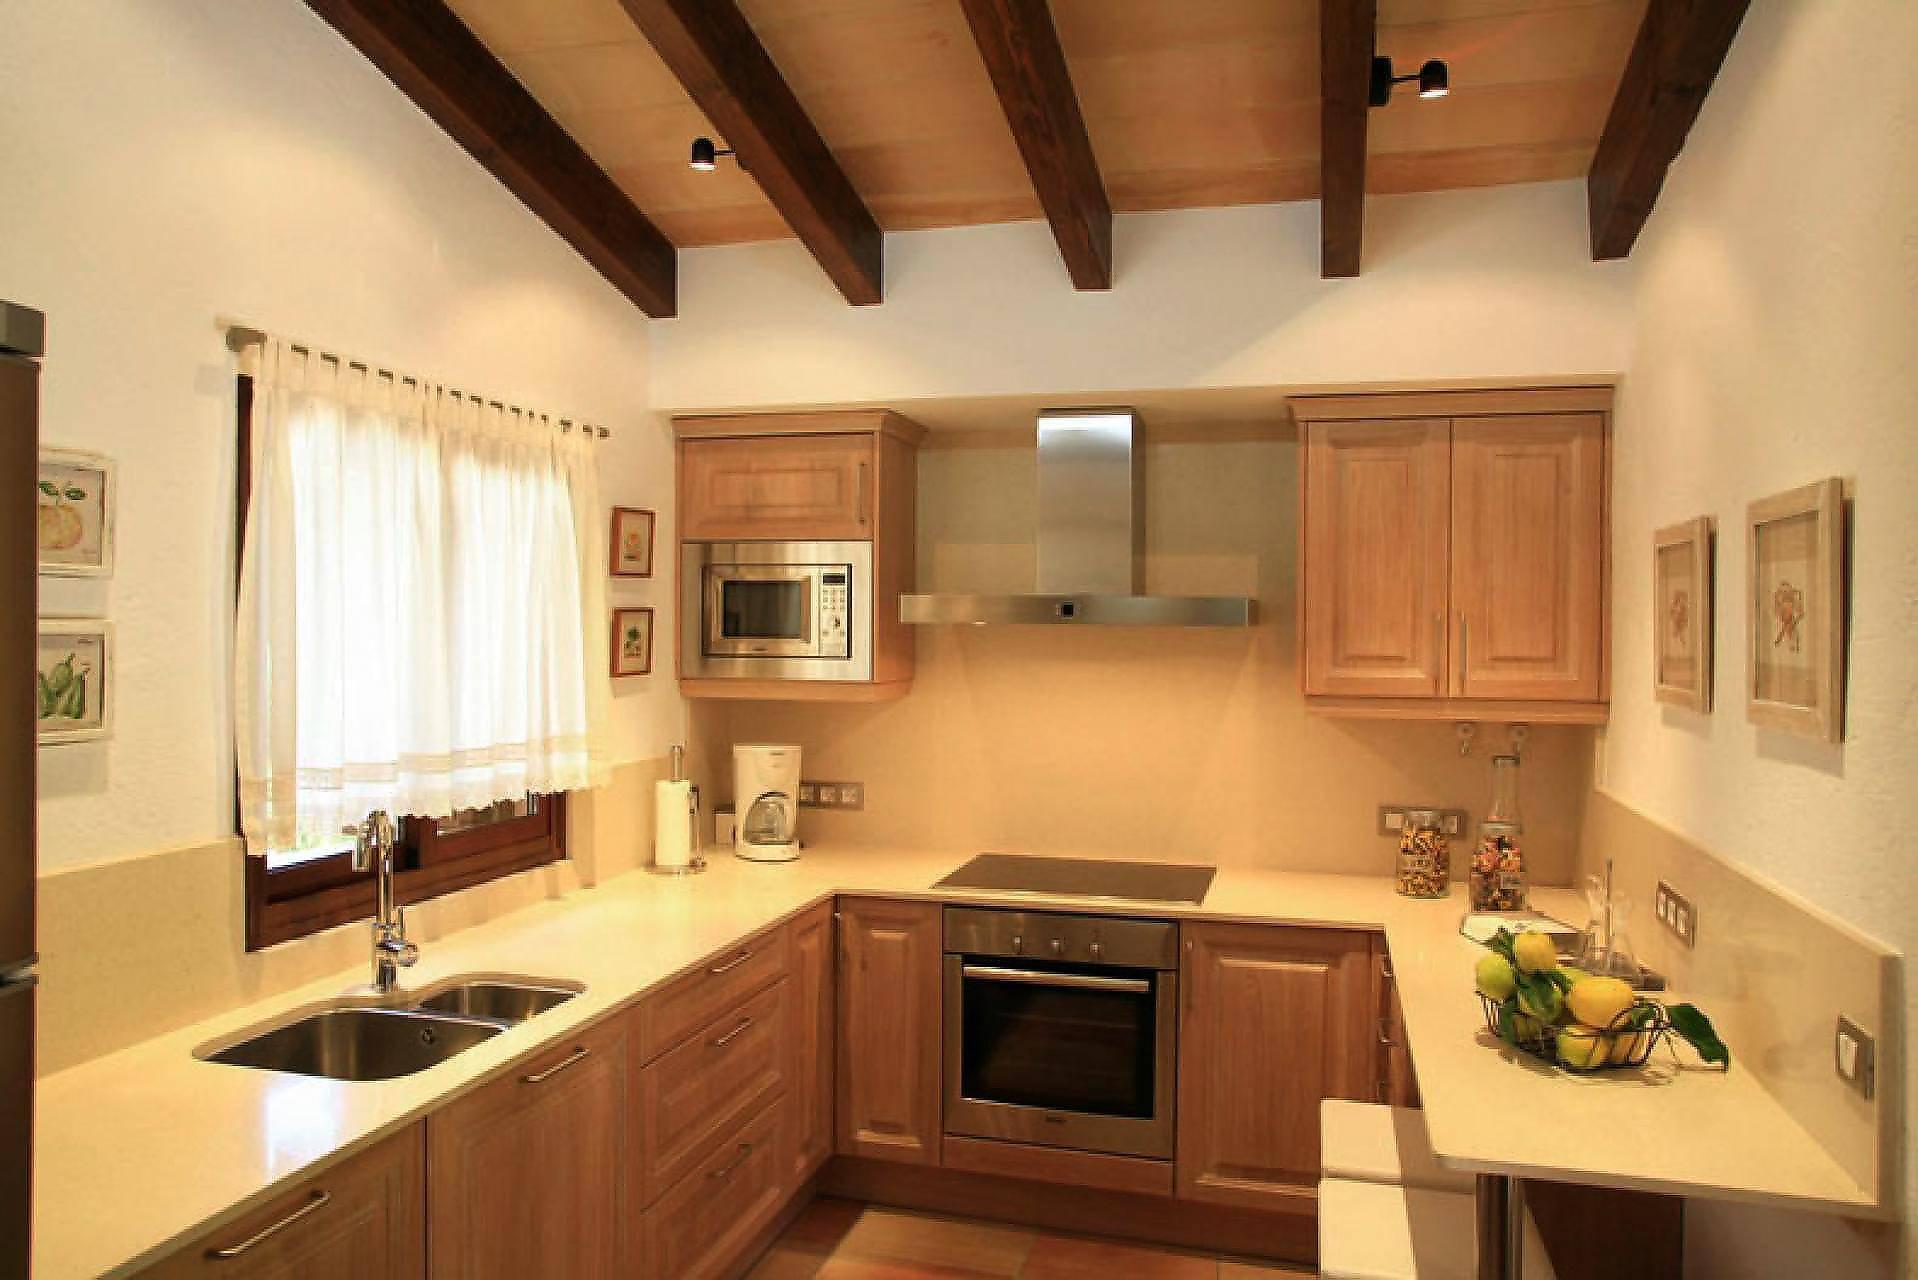 01-11 Traditionelle Finca Mallorca Norden Bild 15